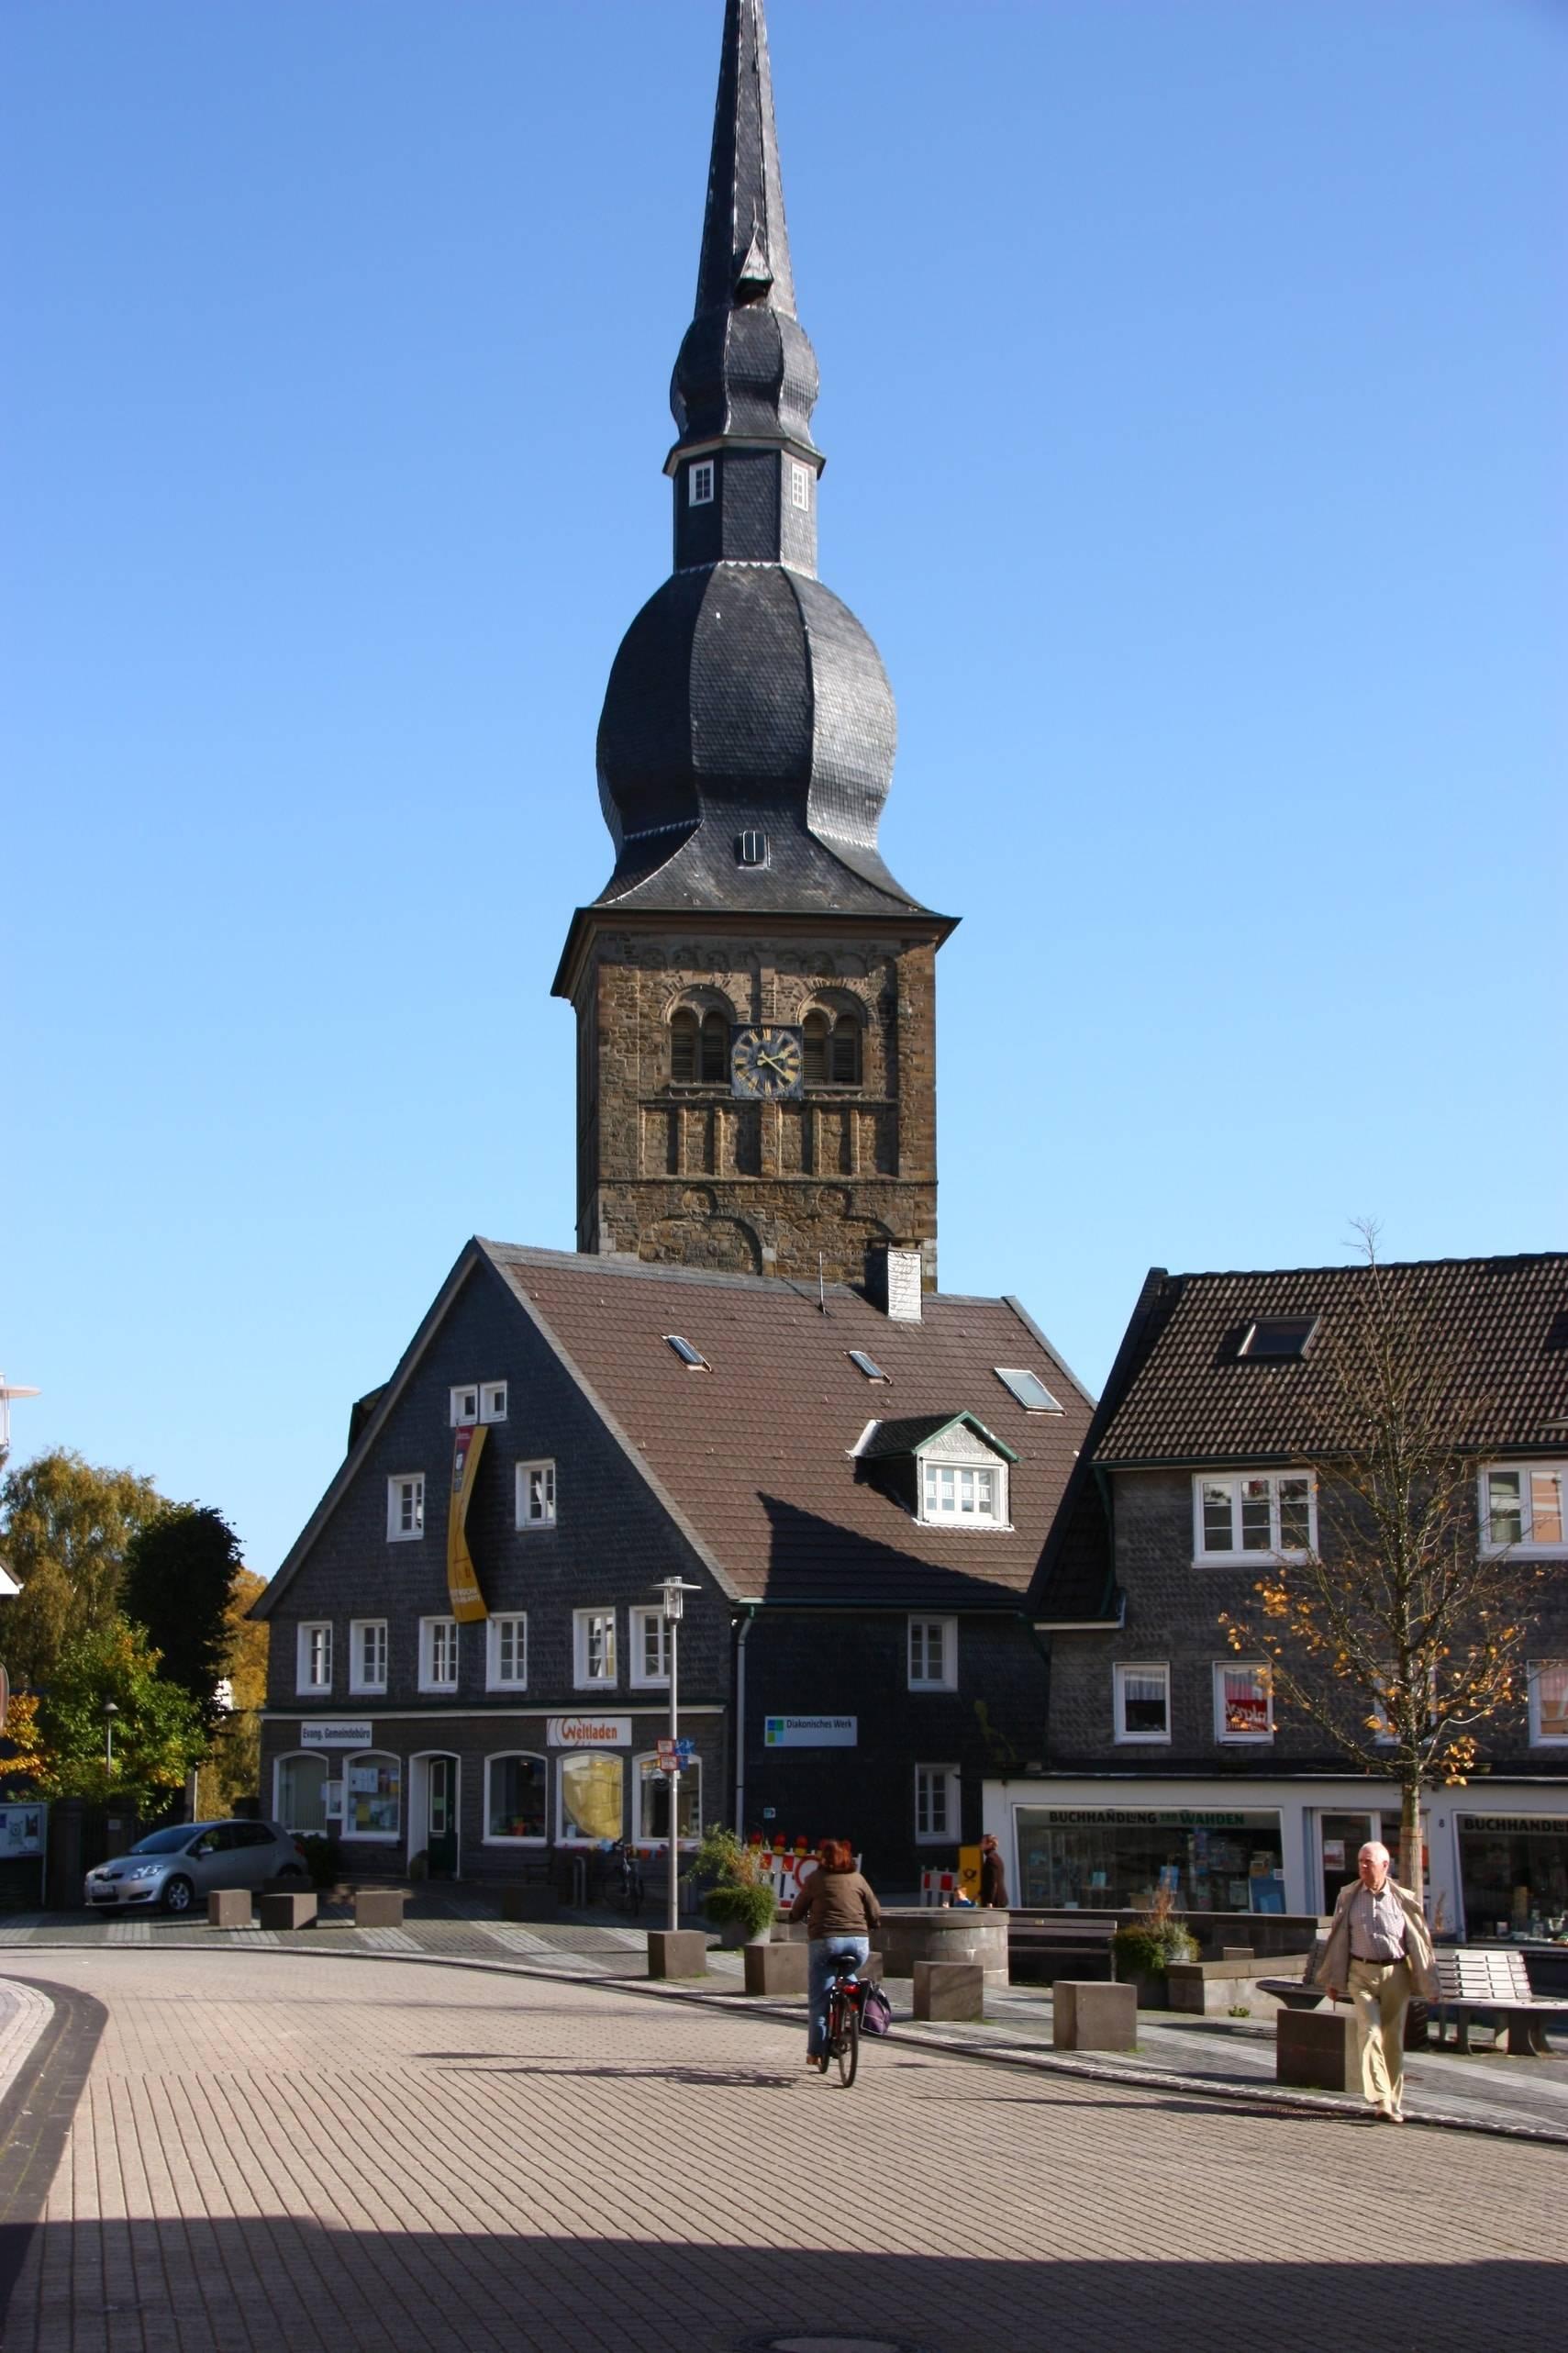 Wermelskirchen